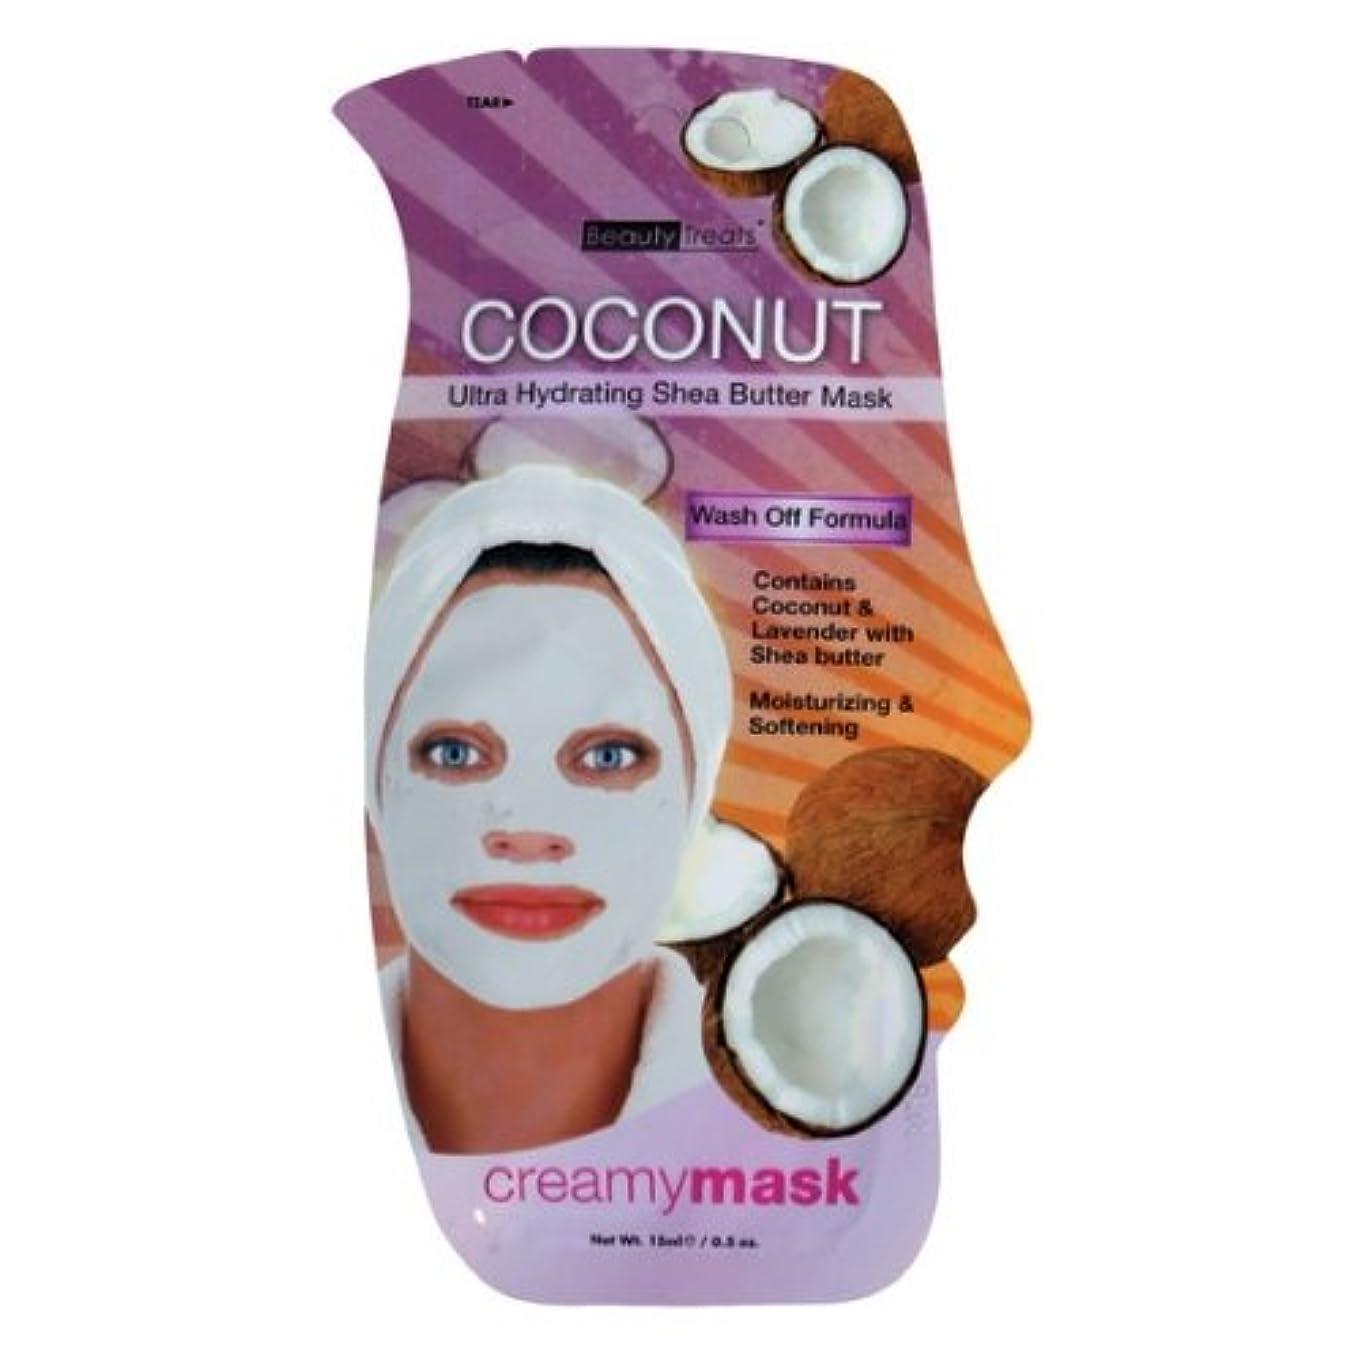 心配する占める東方(6 Pack) BEAUTY TREATS Coconut Ultra Hydrating Shea Butter Mask - Coconut (並行輸入品)